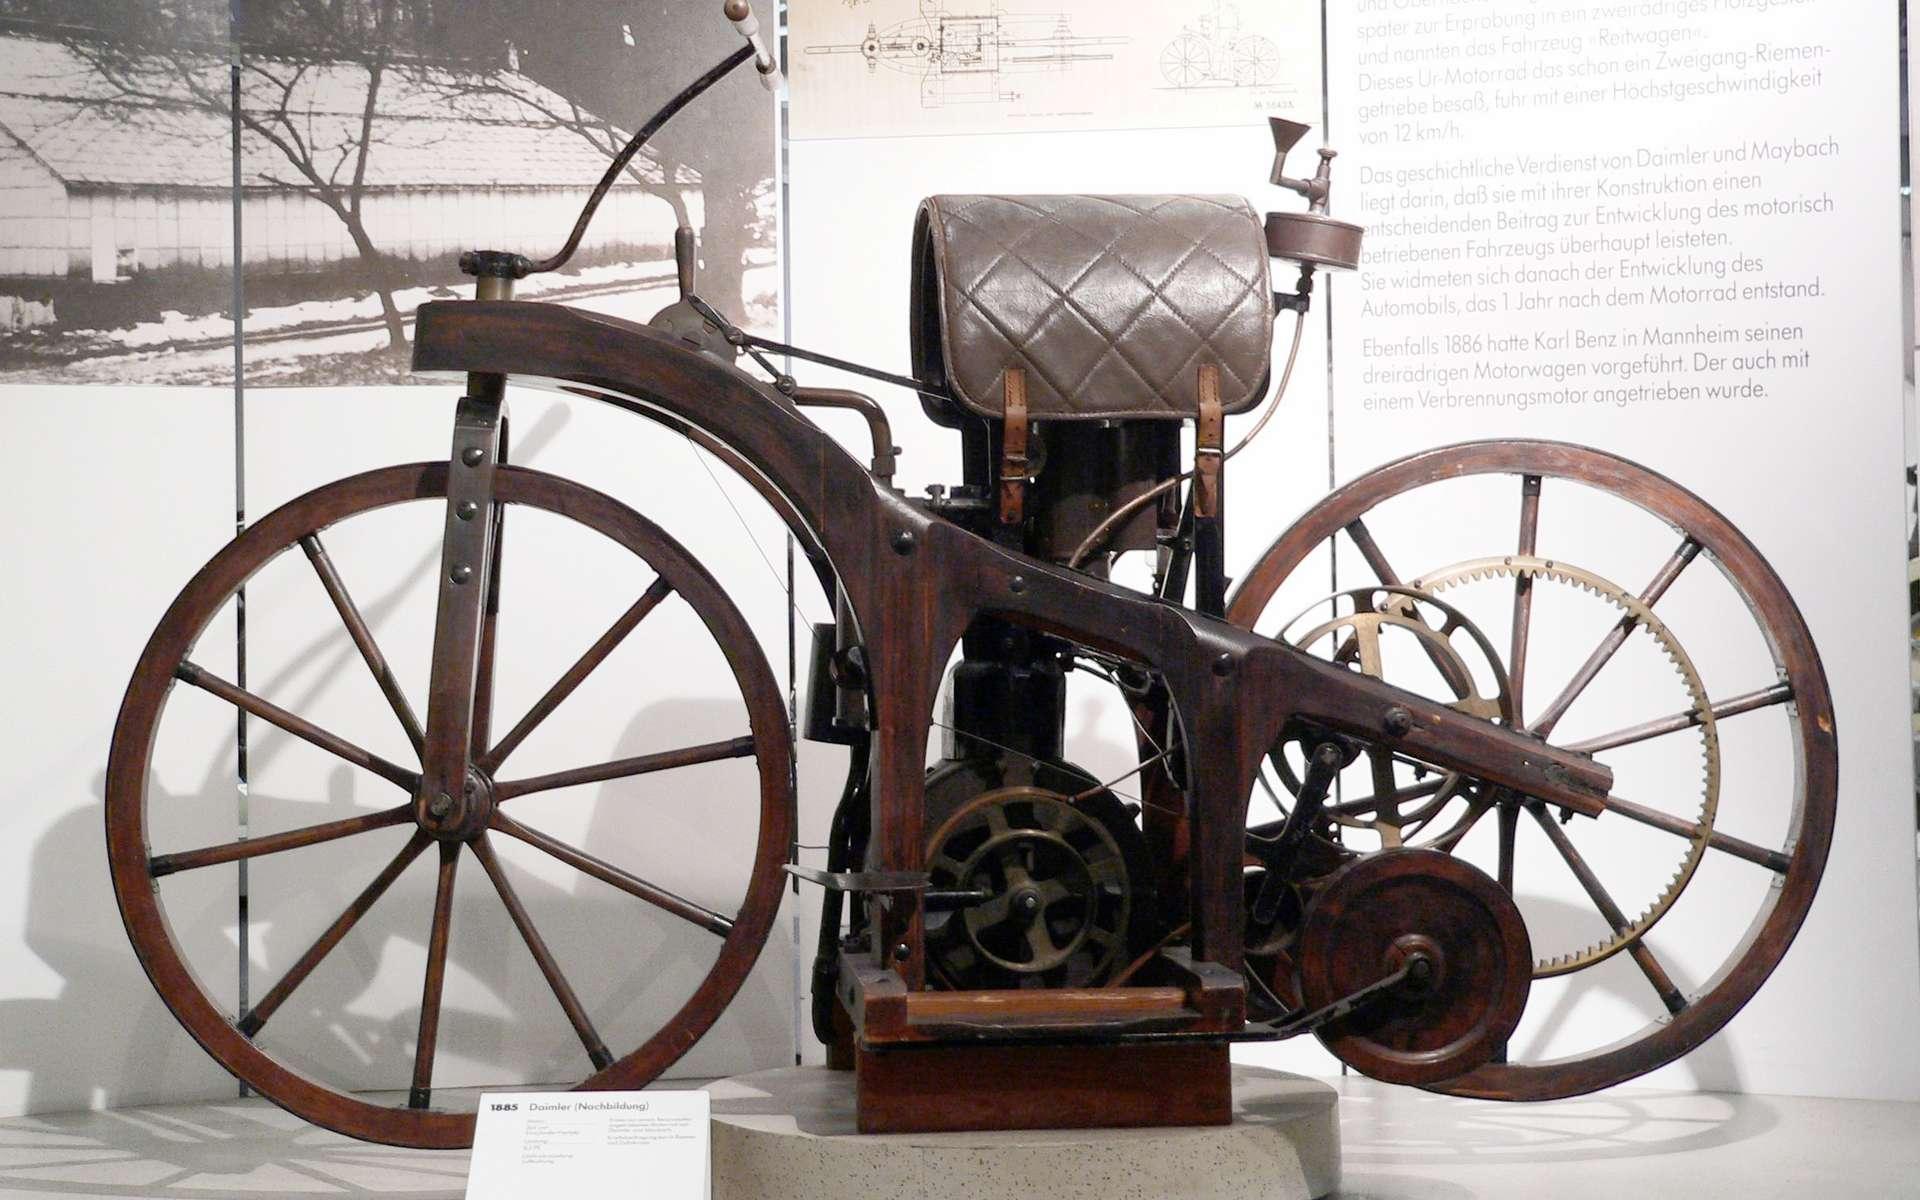 La motocyclette inaugure l'avènement du deux roues motorisés. La motocyclette de Daimler a été le premier modèle à combustion interne, avec roues latérales stabilisatrices. © Joachim Köhler, CC BY-SA 3.0, Wikimédia Commons